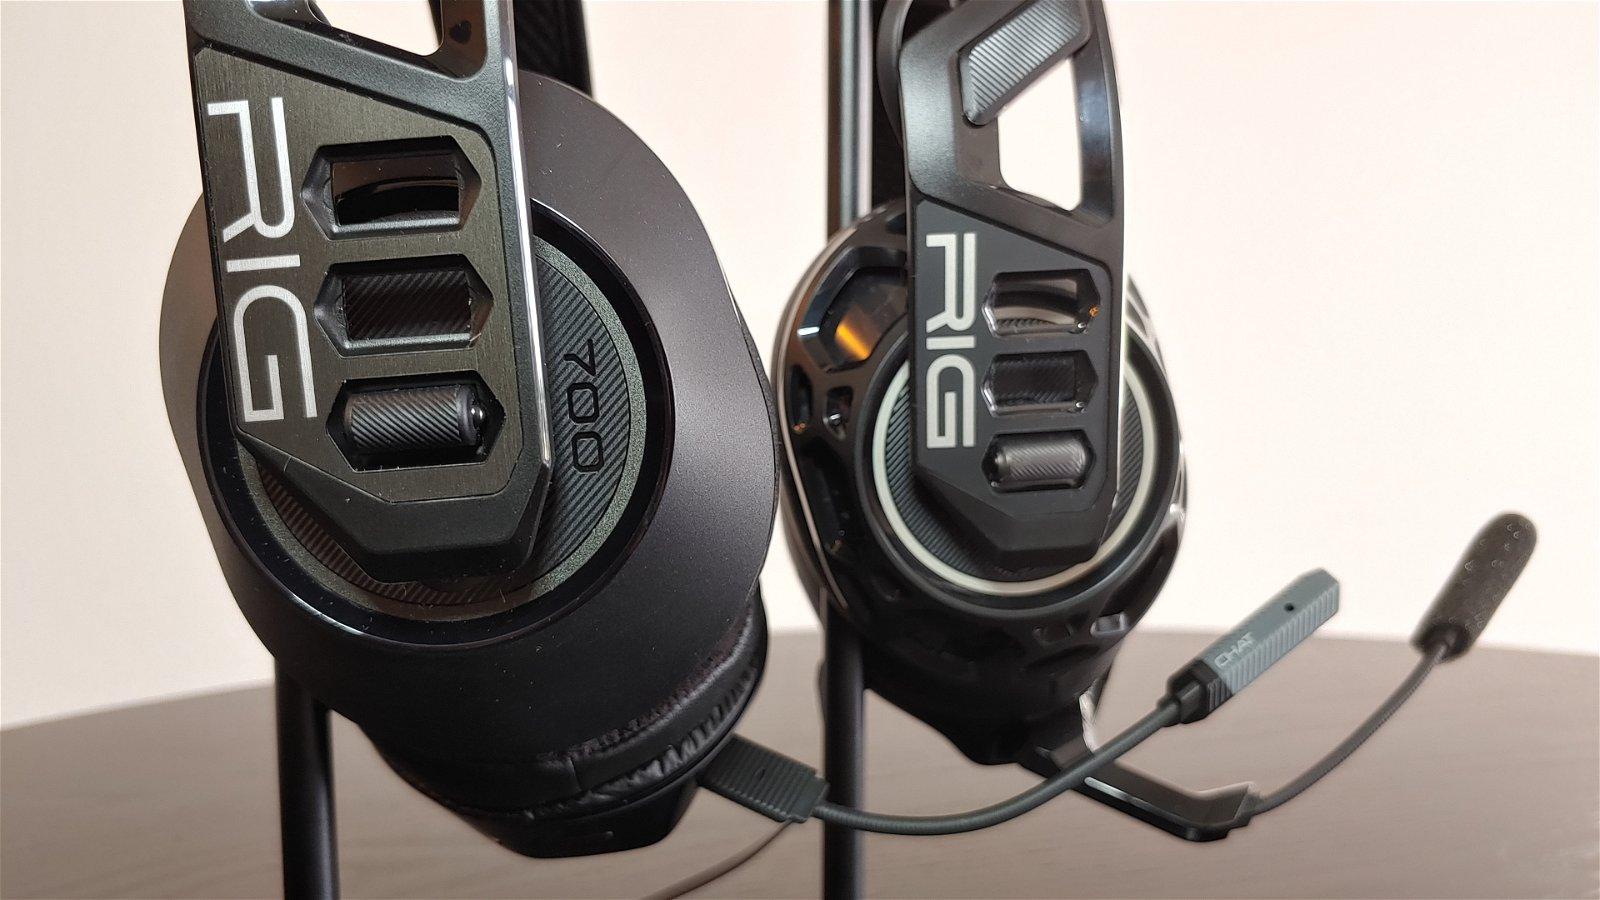 NACON RIG 500 Pro HX vs. NACON RIG 700 Pro HX 6